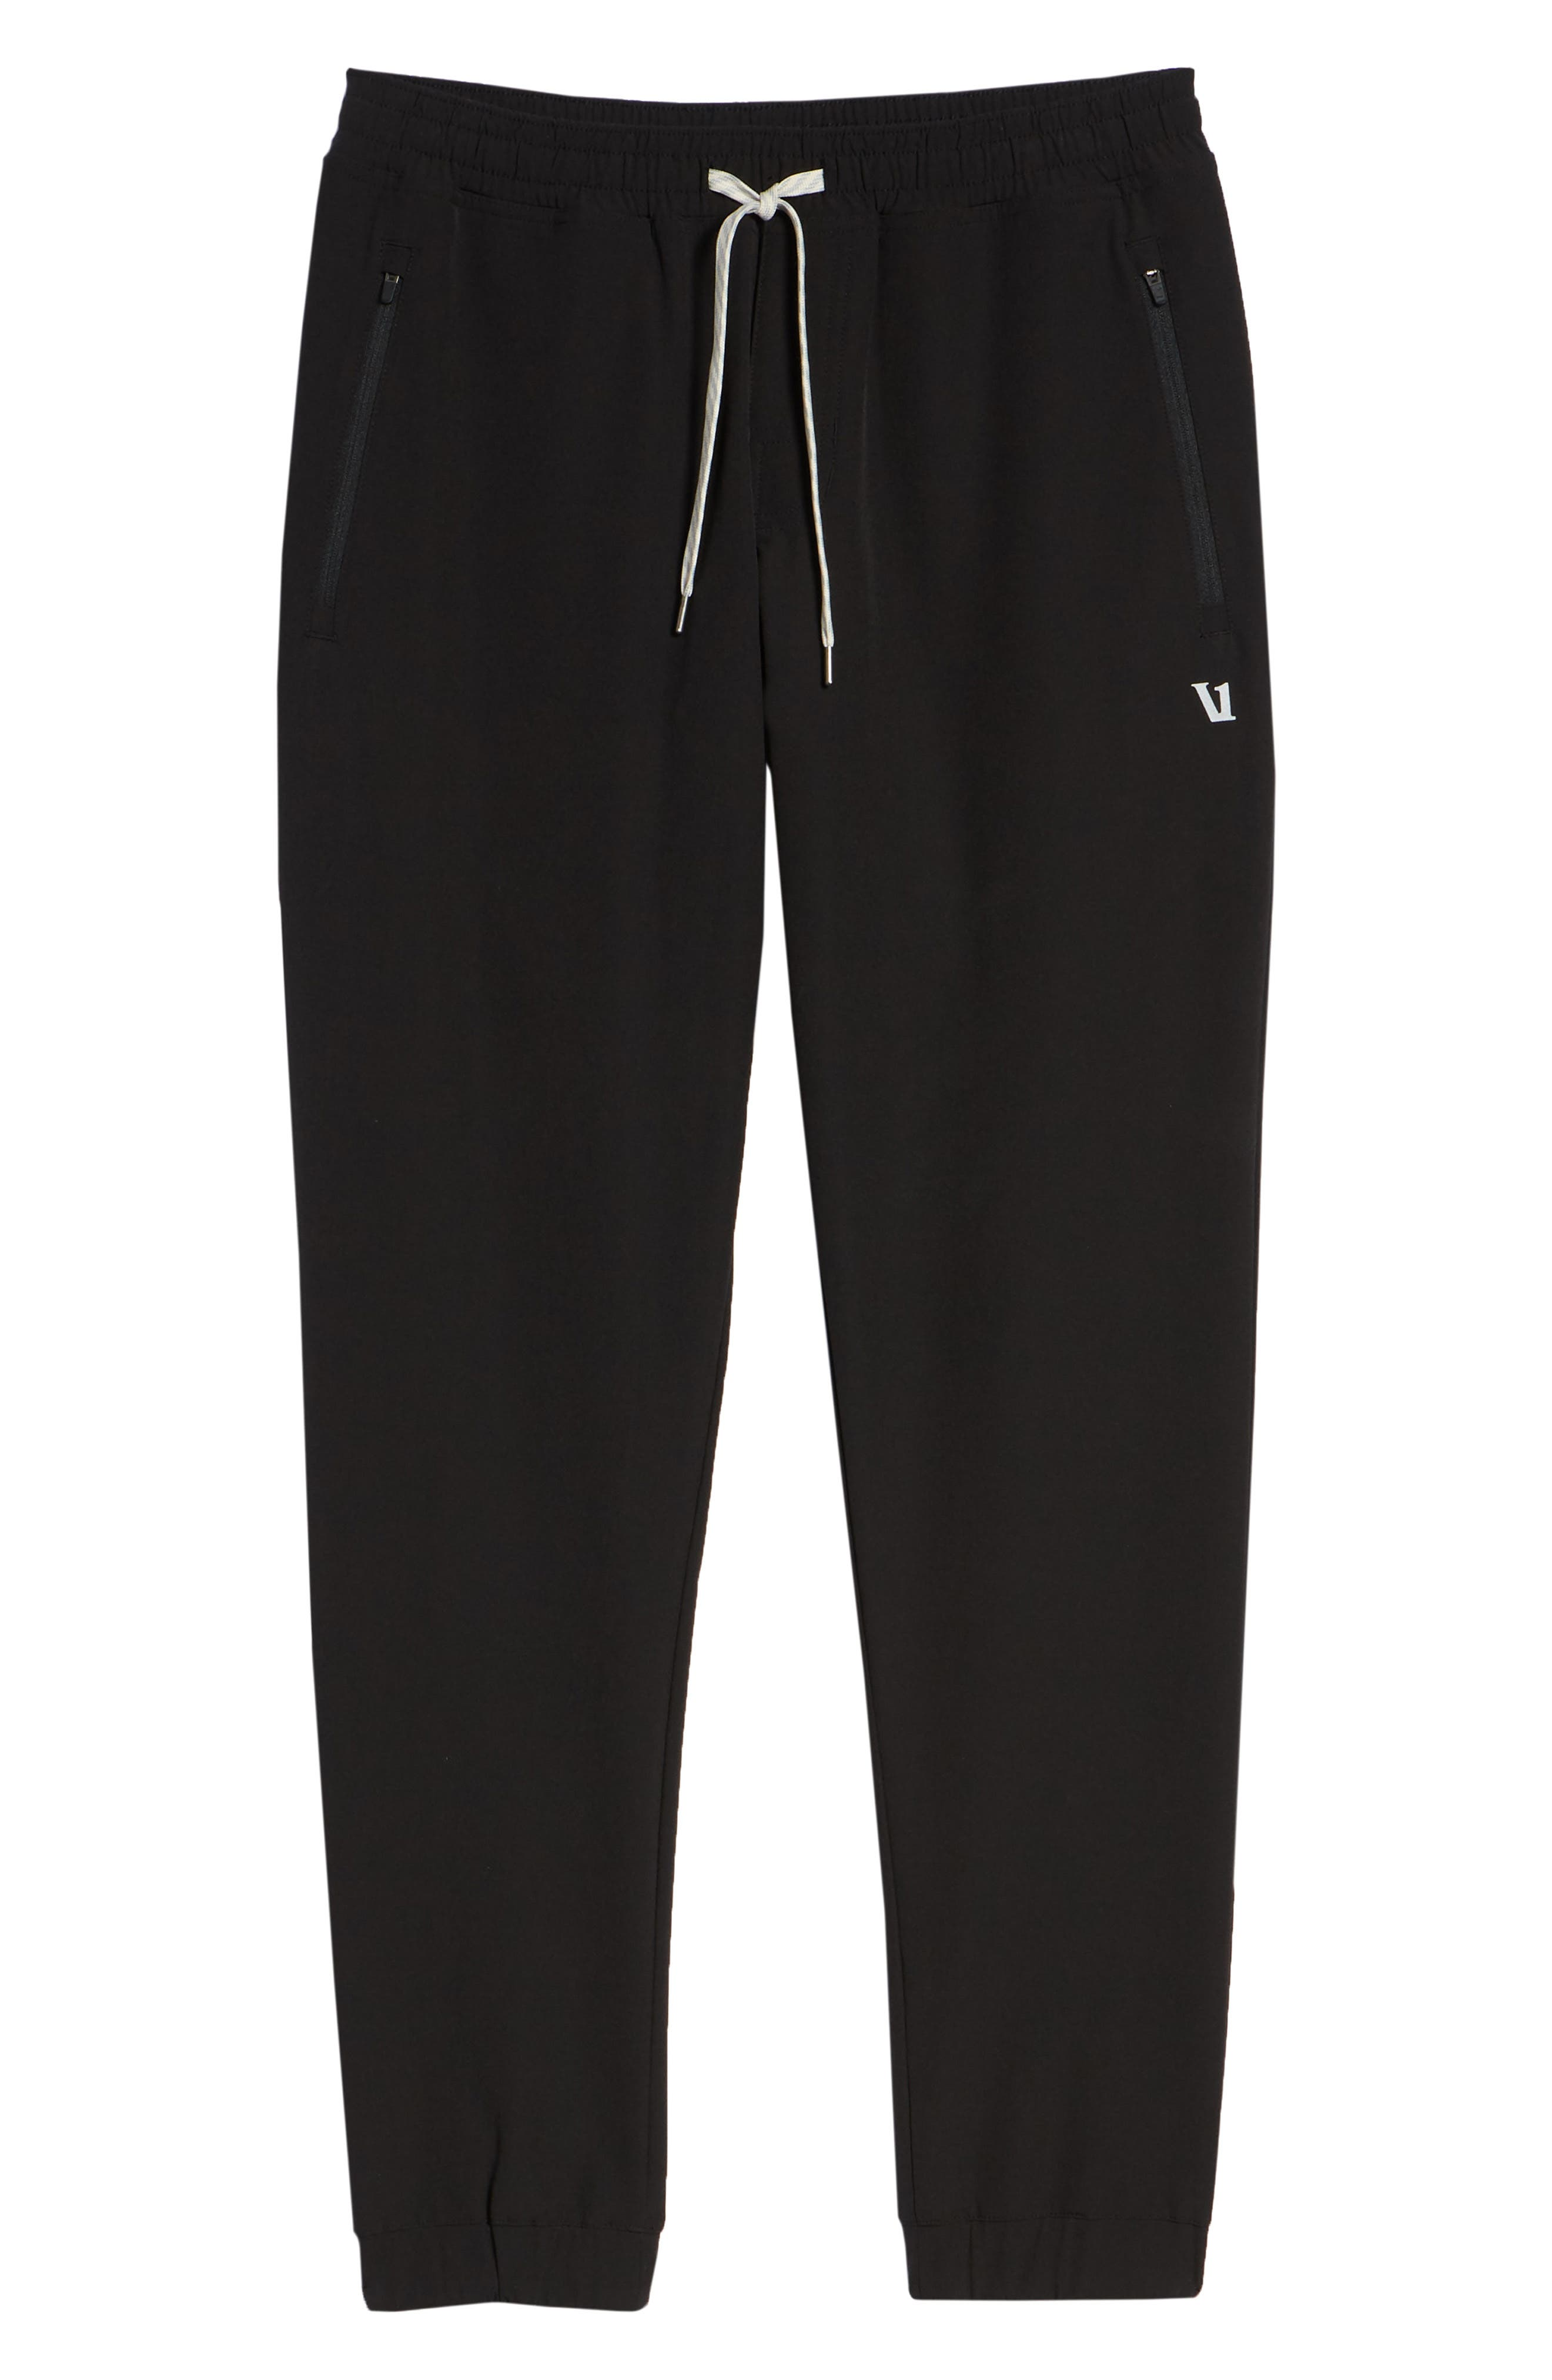 Transit Jogger Pants,                             Alternate thumbnail 6, color,                             BLACK